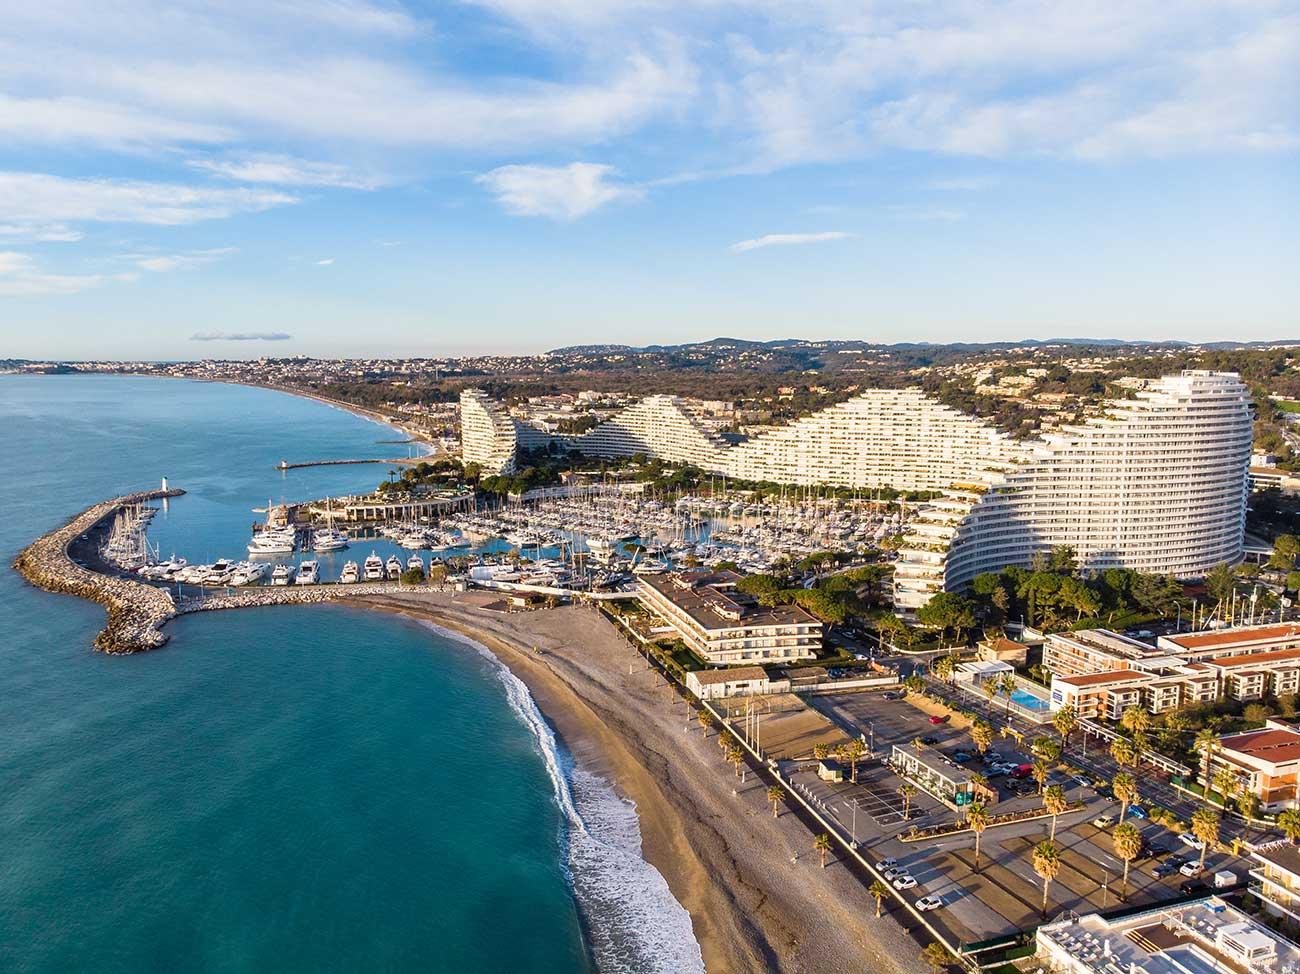 Prenez de la hauteur avec mes photos de la Côte d'Azur